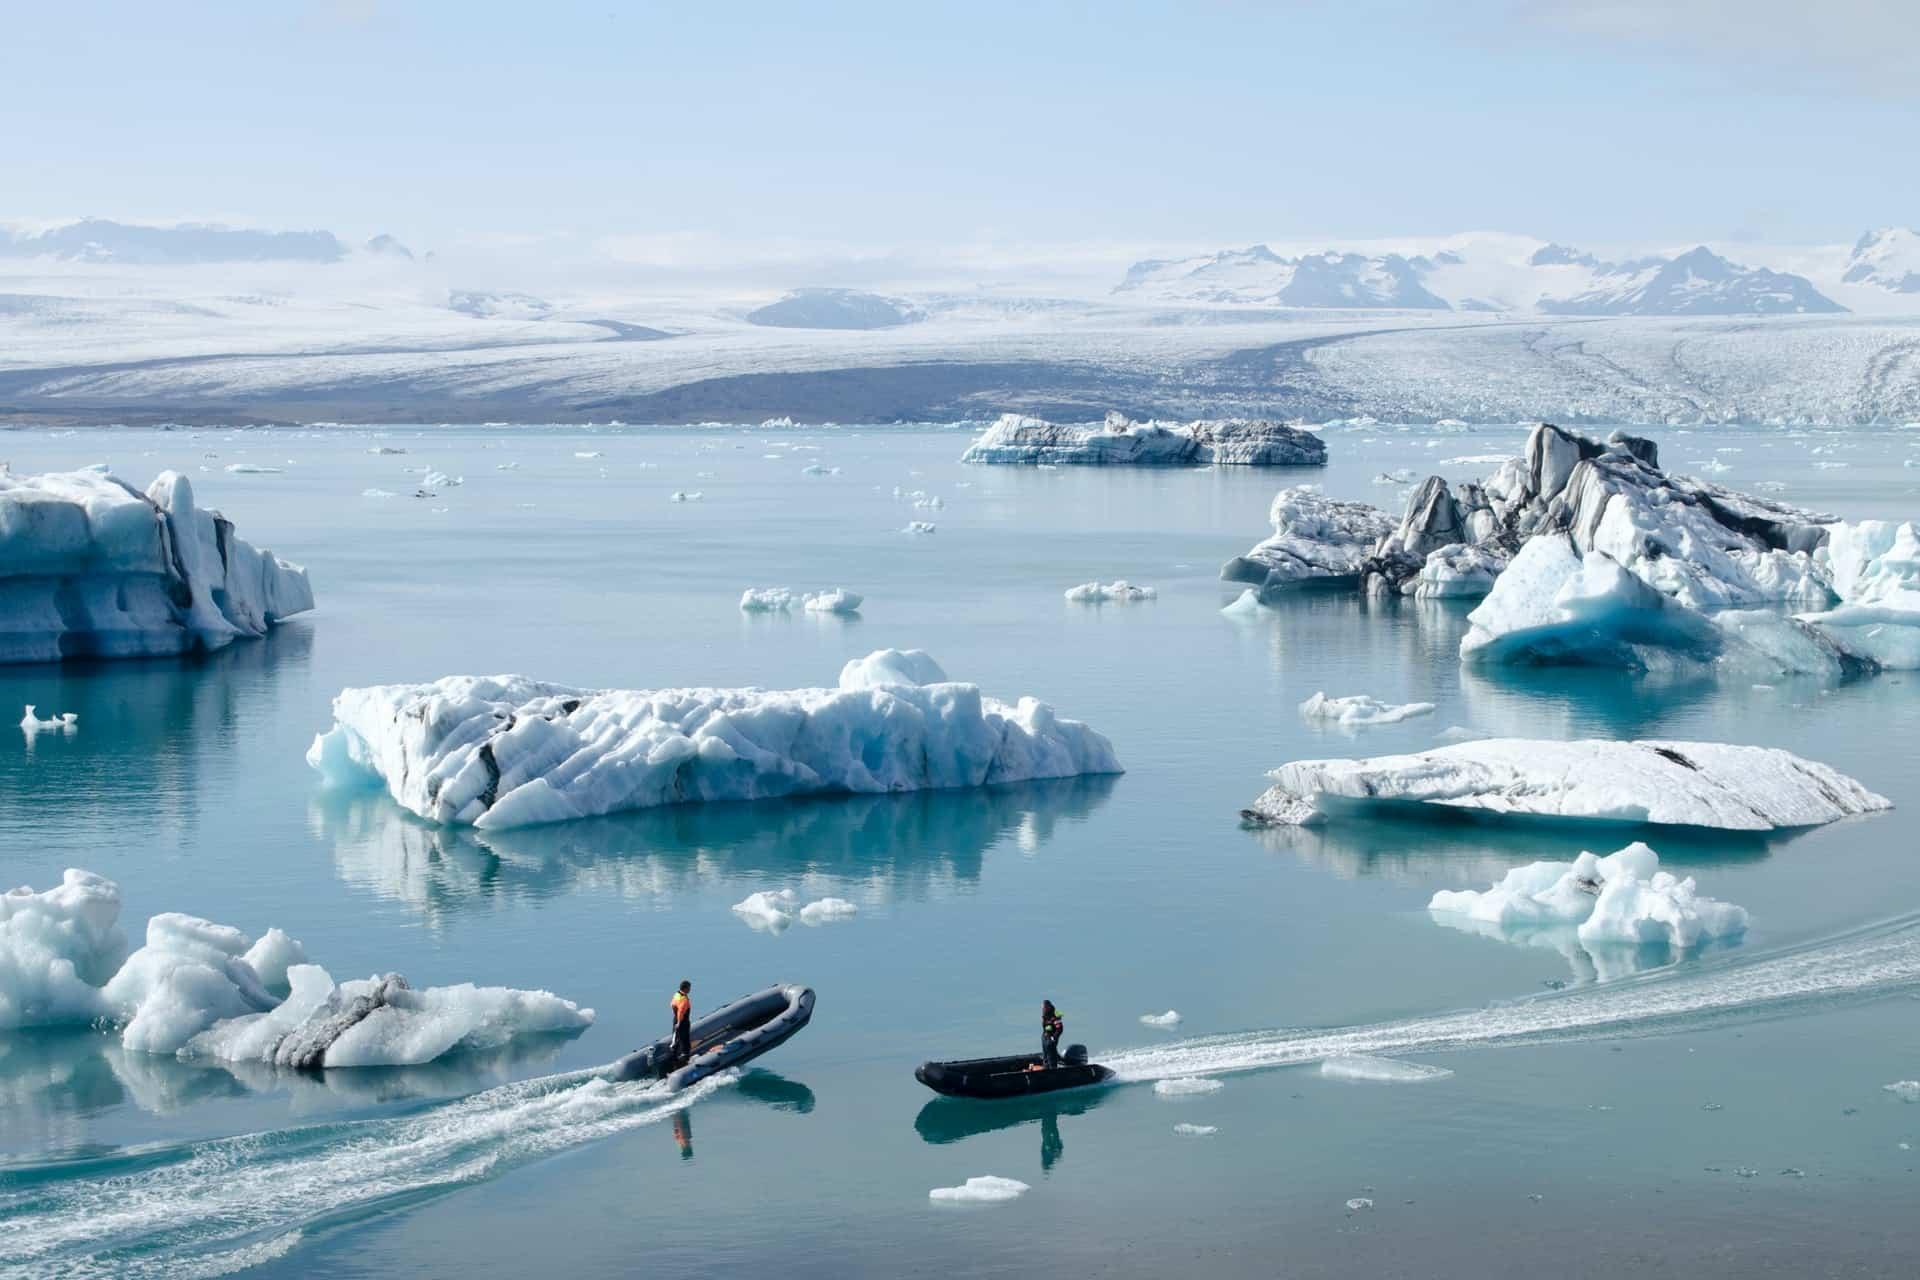 iceberg : peurs enfouies, partie immergée